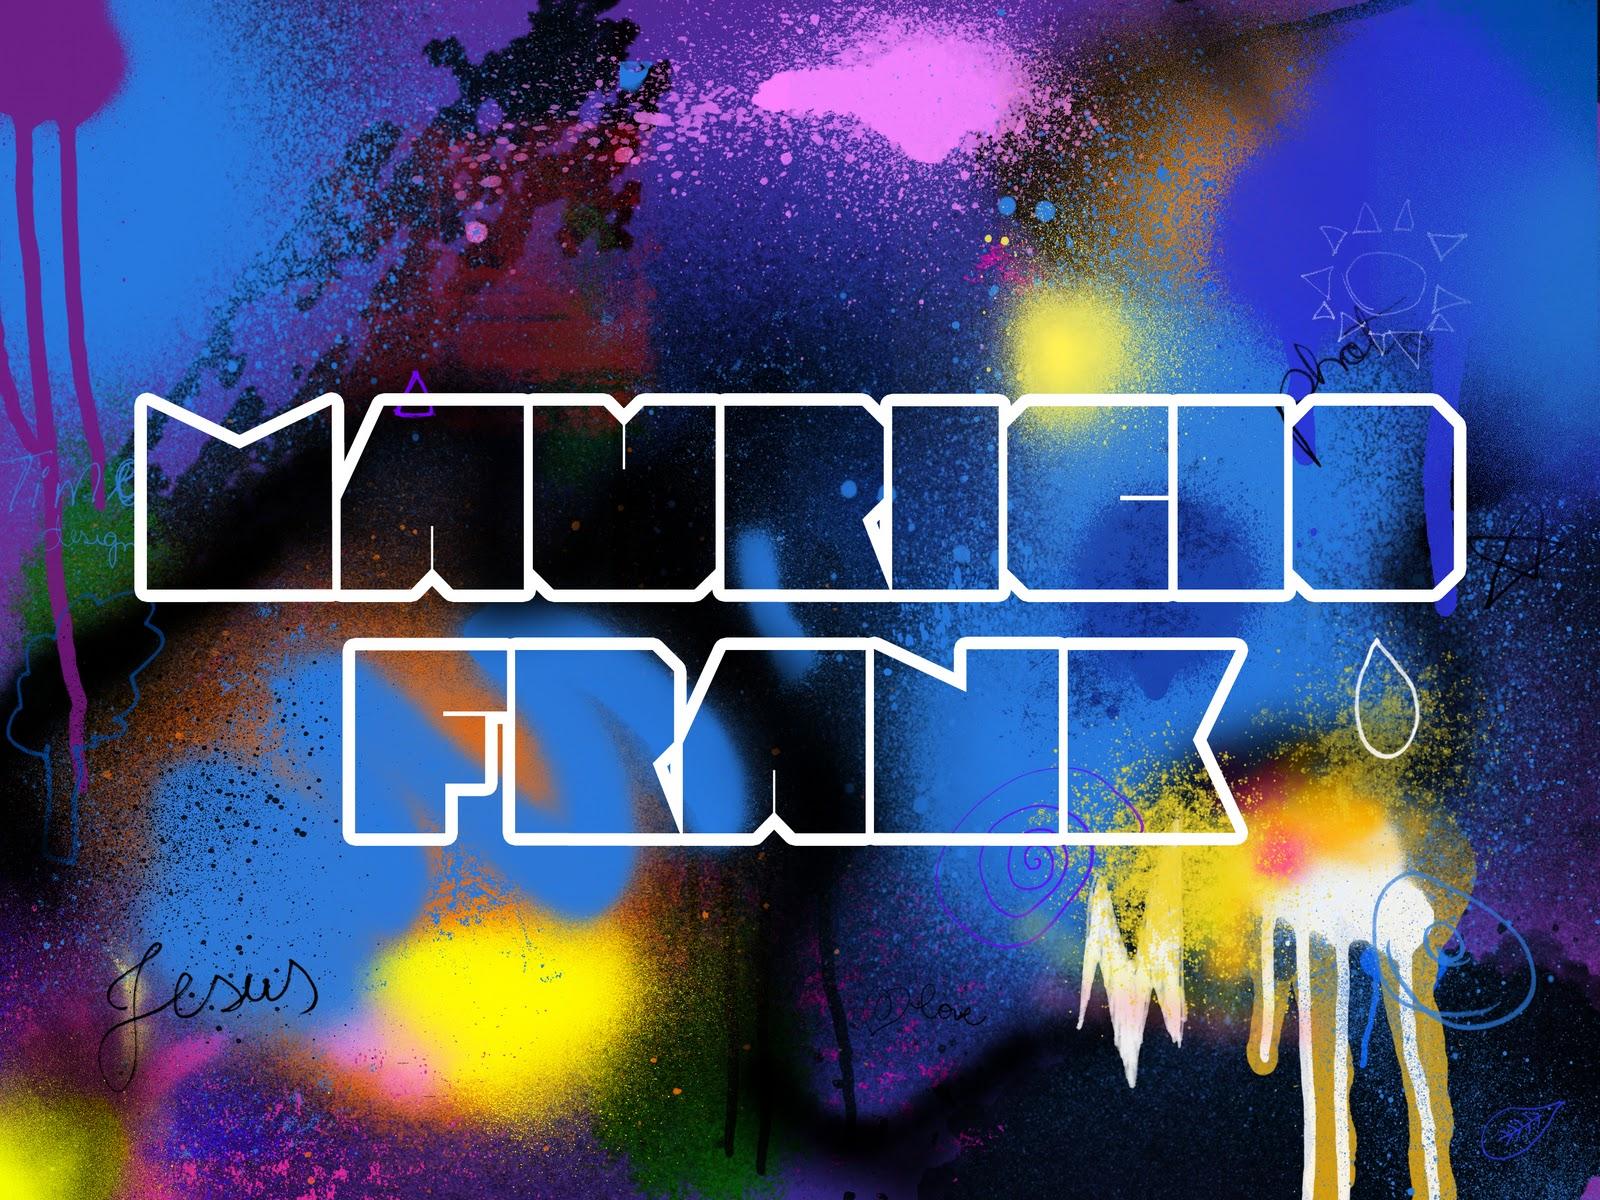 http://1.bp.blogspot.com/-IUnYKSD_XoE/TpMVQwR_anI/AAAAAAAAAwM/C-oQi24ZK1M/s1600/coldplay+mylo+xyloto+mauricio+frank+Background+Spary.jpg